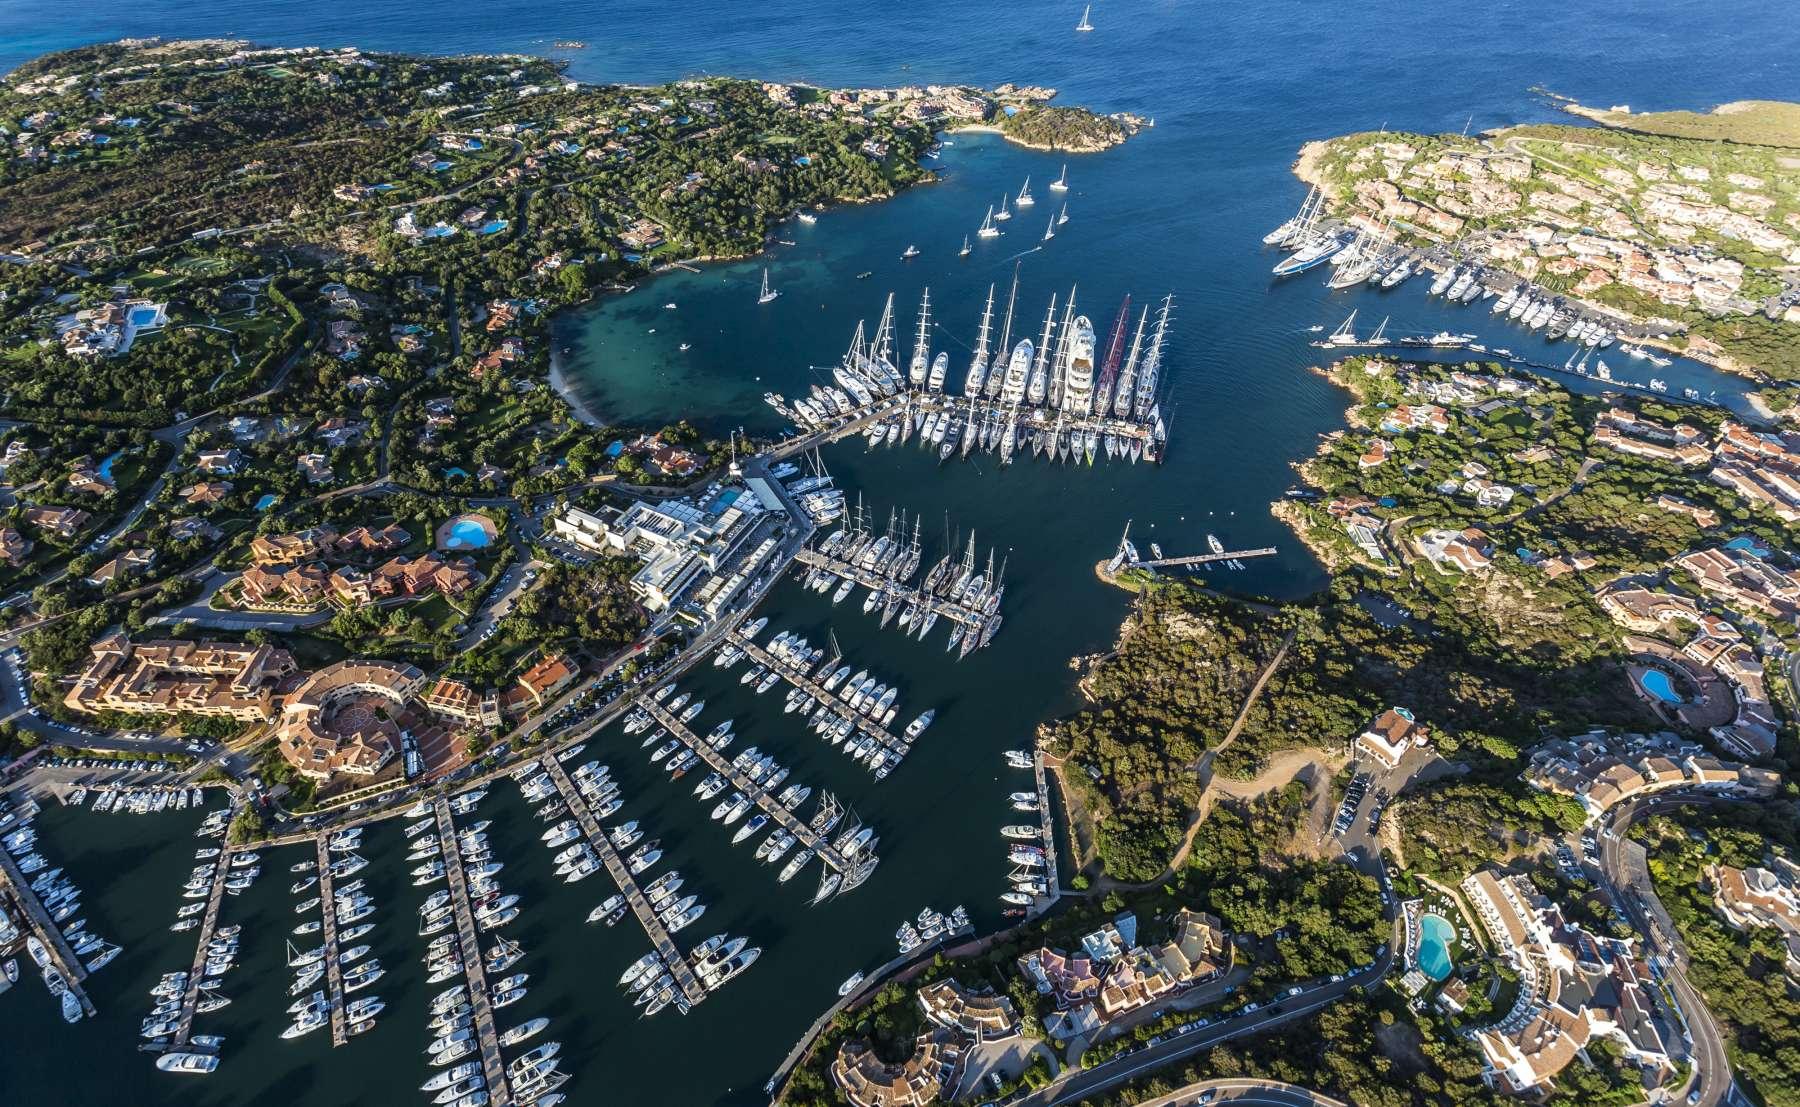 A PORTO CERVO L'ESORDIO DELLA SAILING CHAMPIONS LEAGUE - NEWS - Yacht Club Costa Smeralda